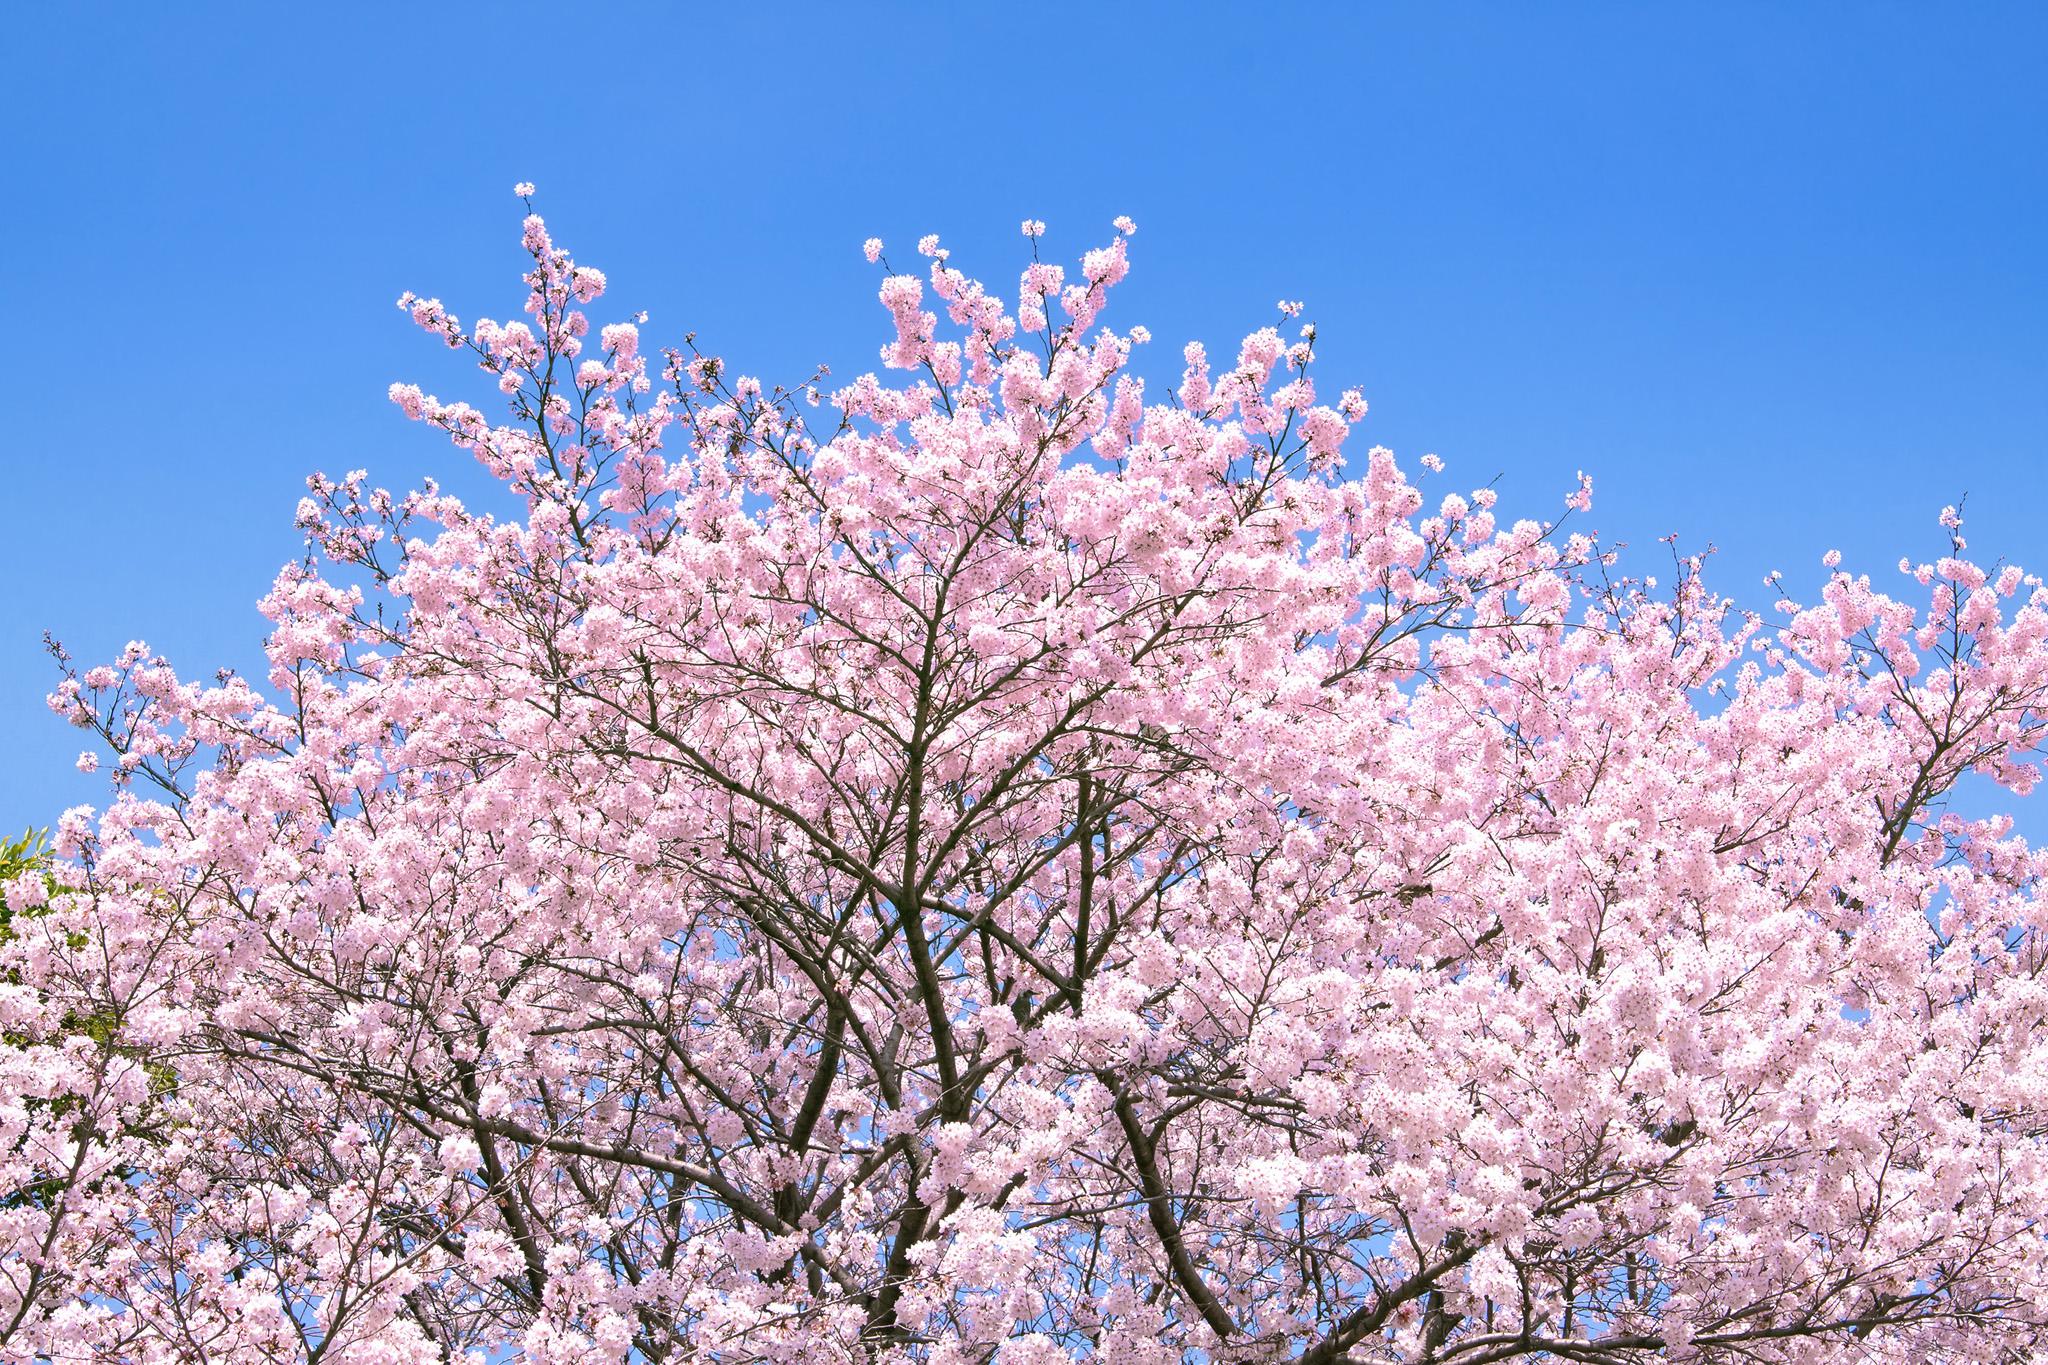 「サクラの花と空に伸びるツボミ」